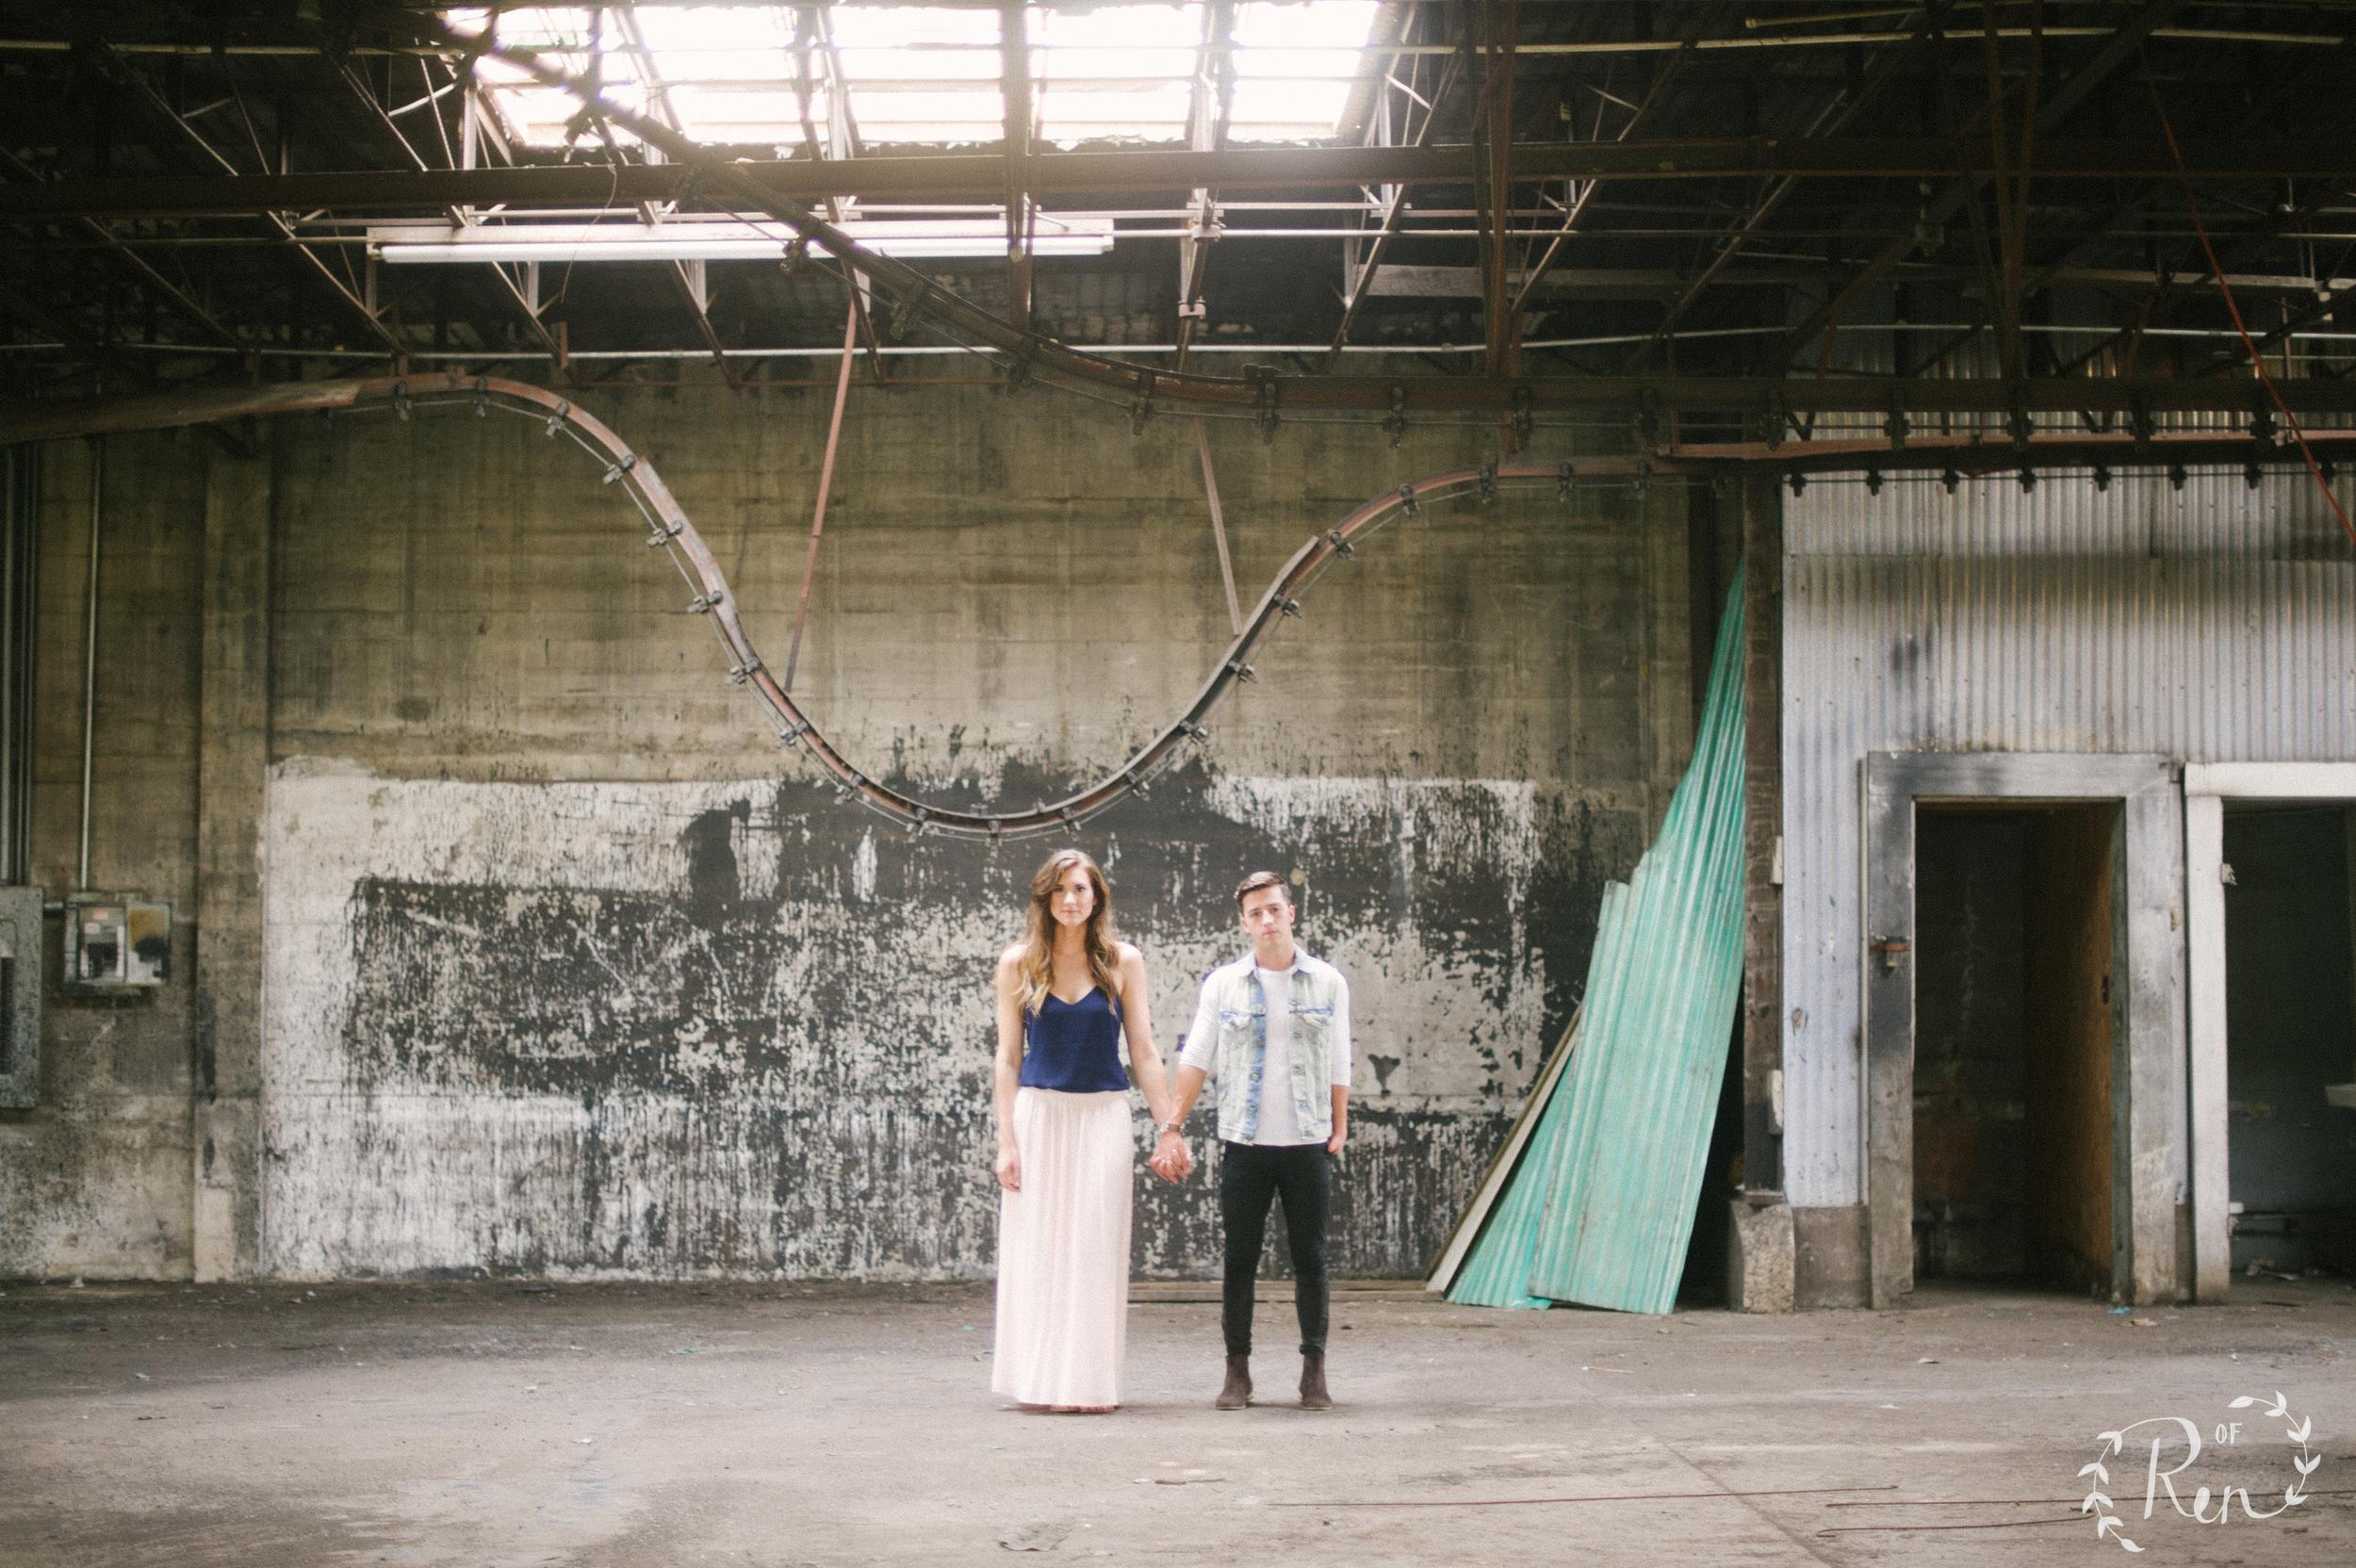 ofRen_EngagementPhotos_lensofren-21.jpg